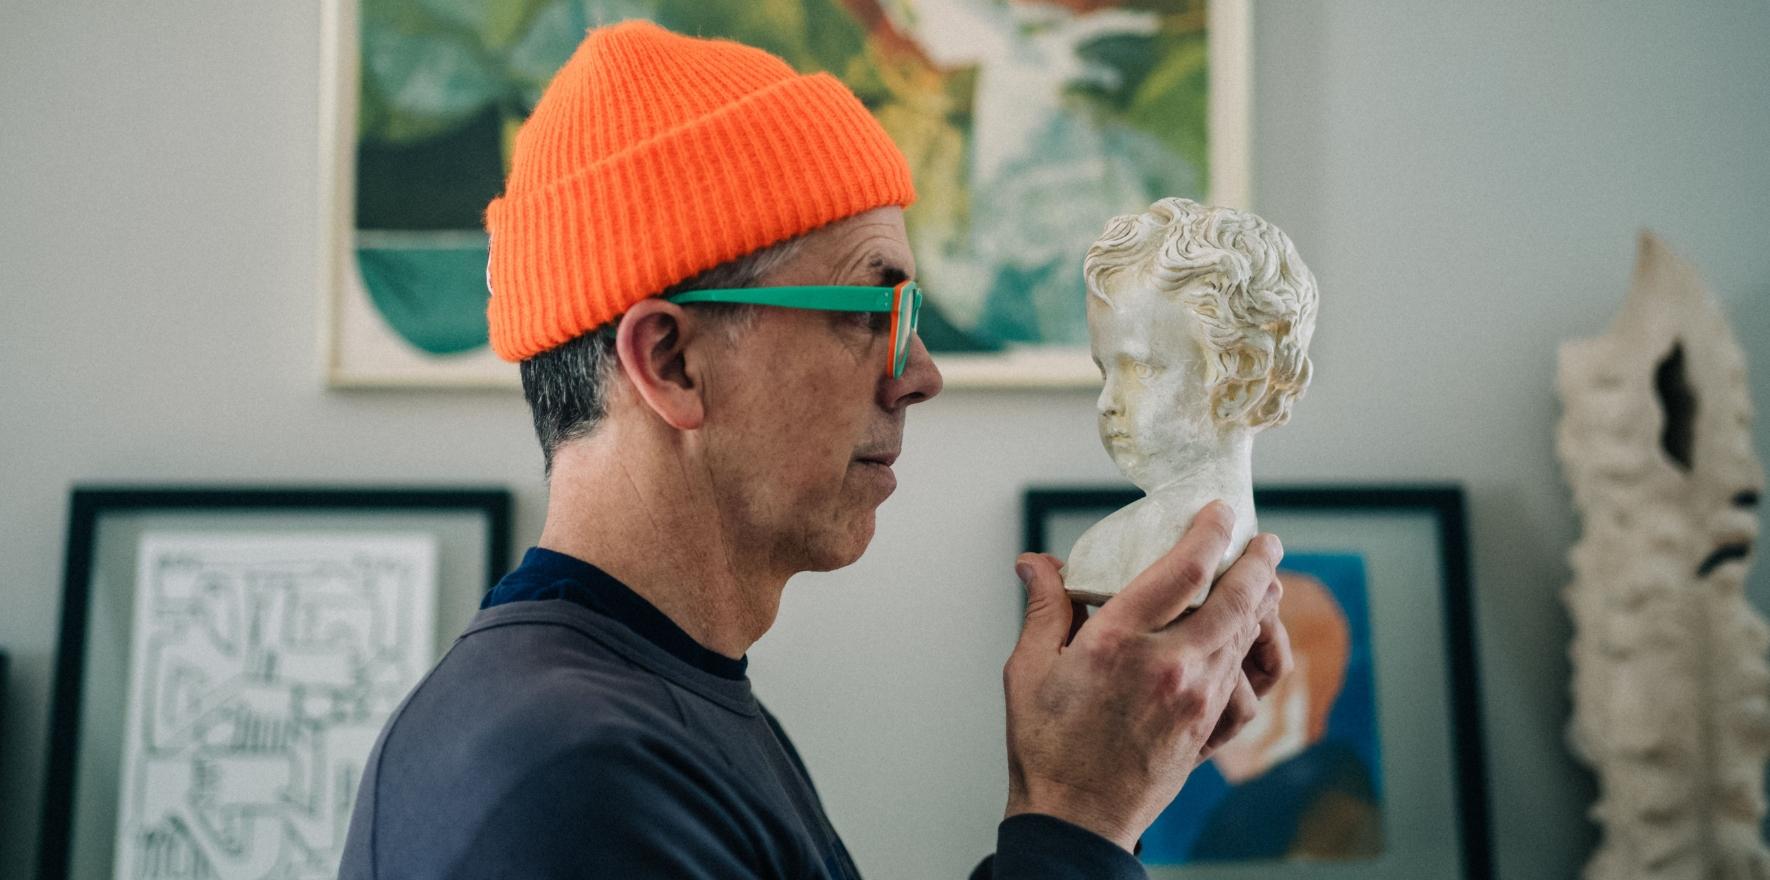 Meet the Artist – Russ Pope